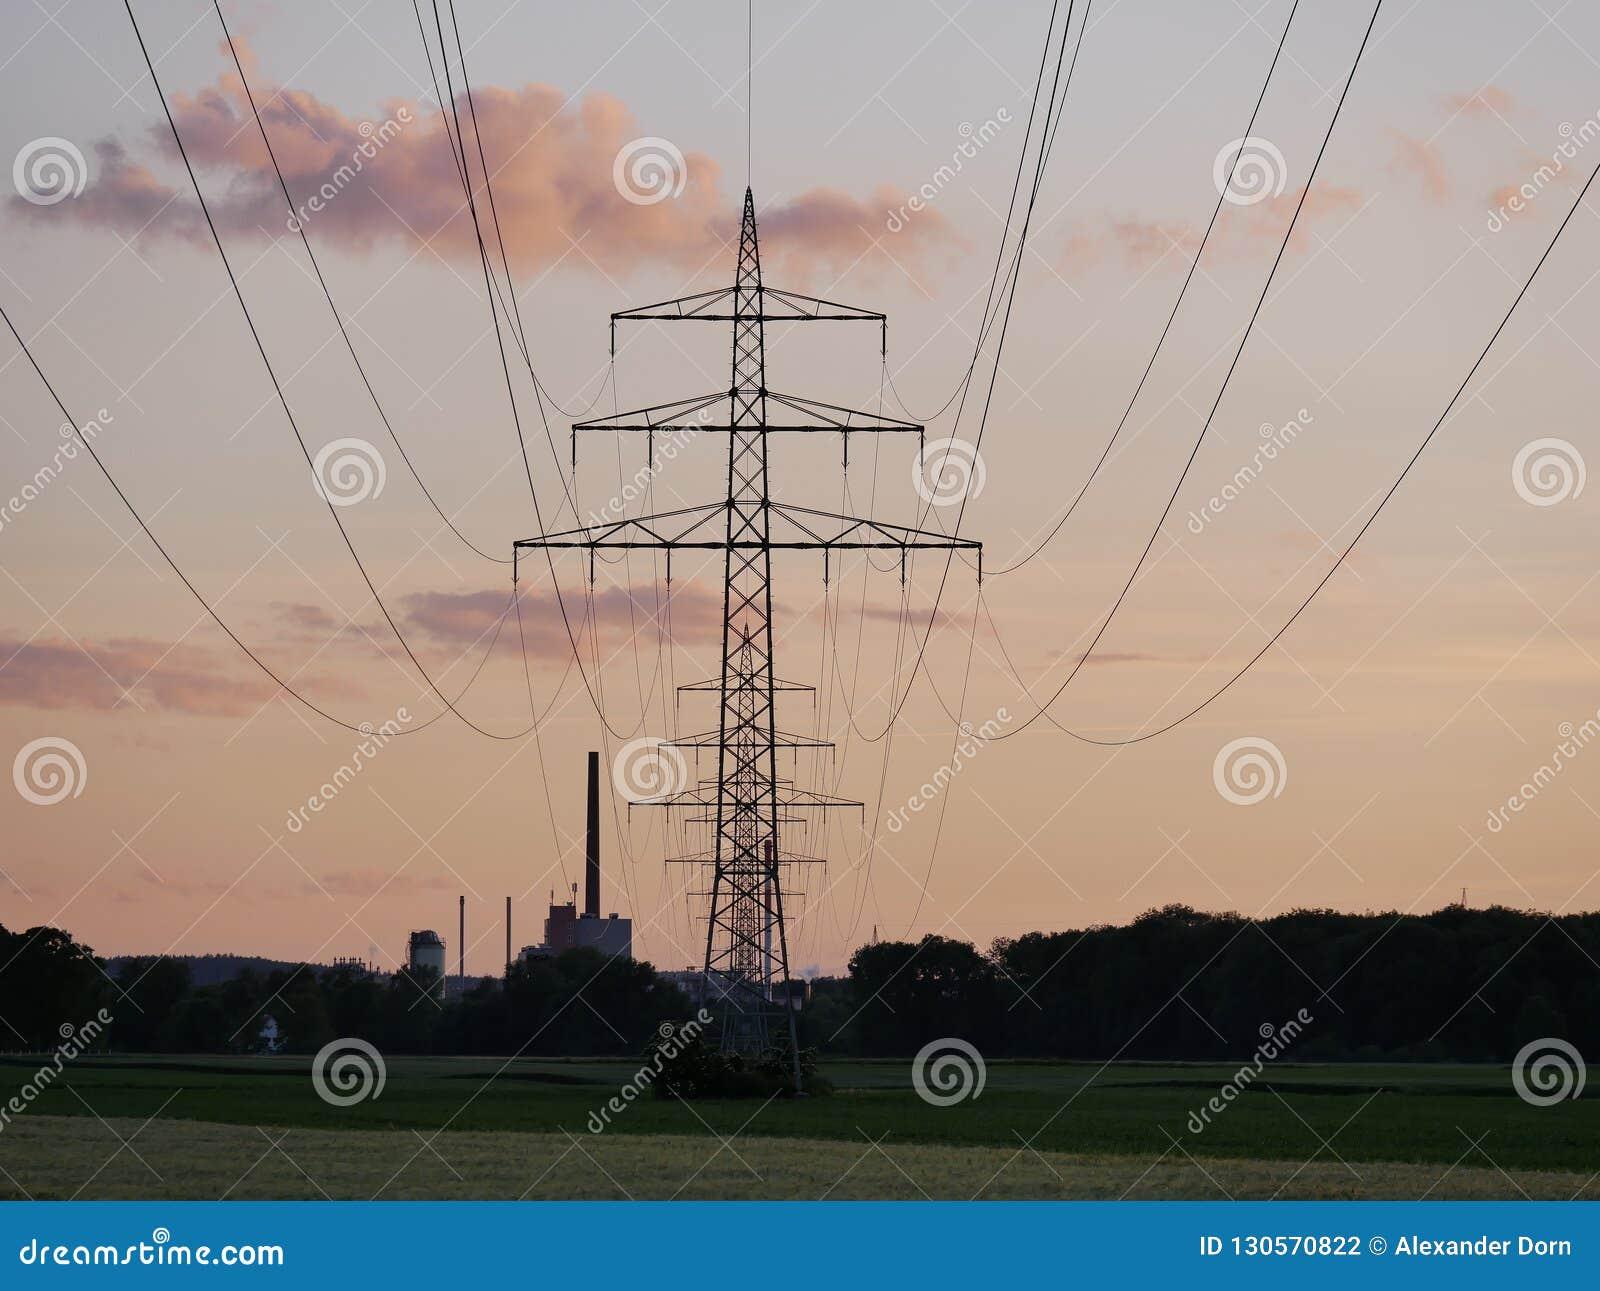 Изображение линии электропередач во время захода солнца с электростанцией